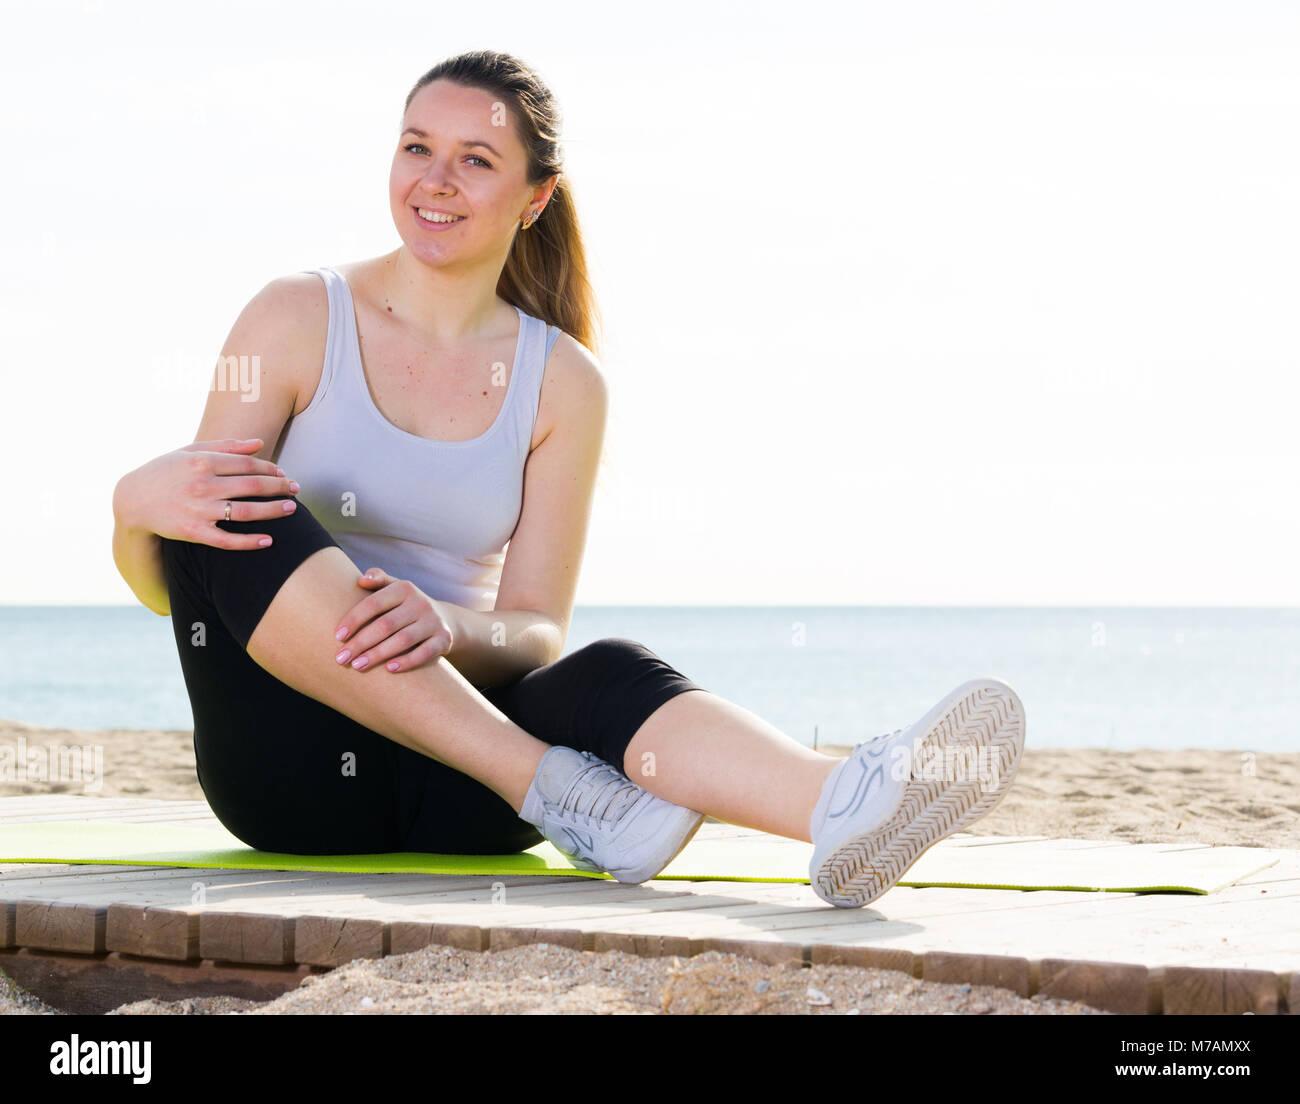 Lächelnde Mädchen mit verschiedenen Posen während der regulären Training am Strand Stockbild